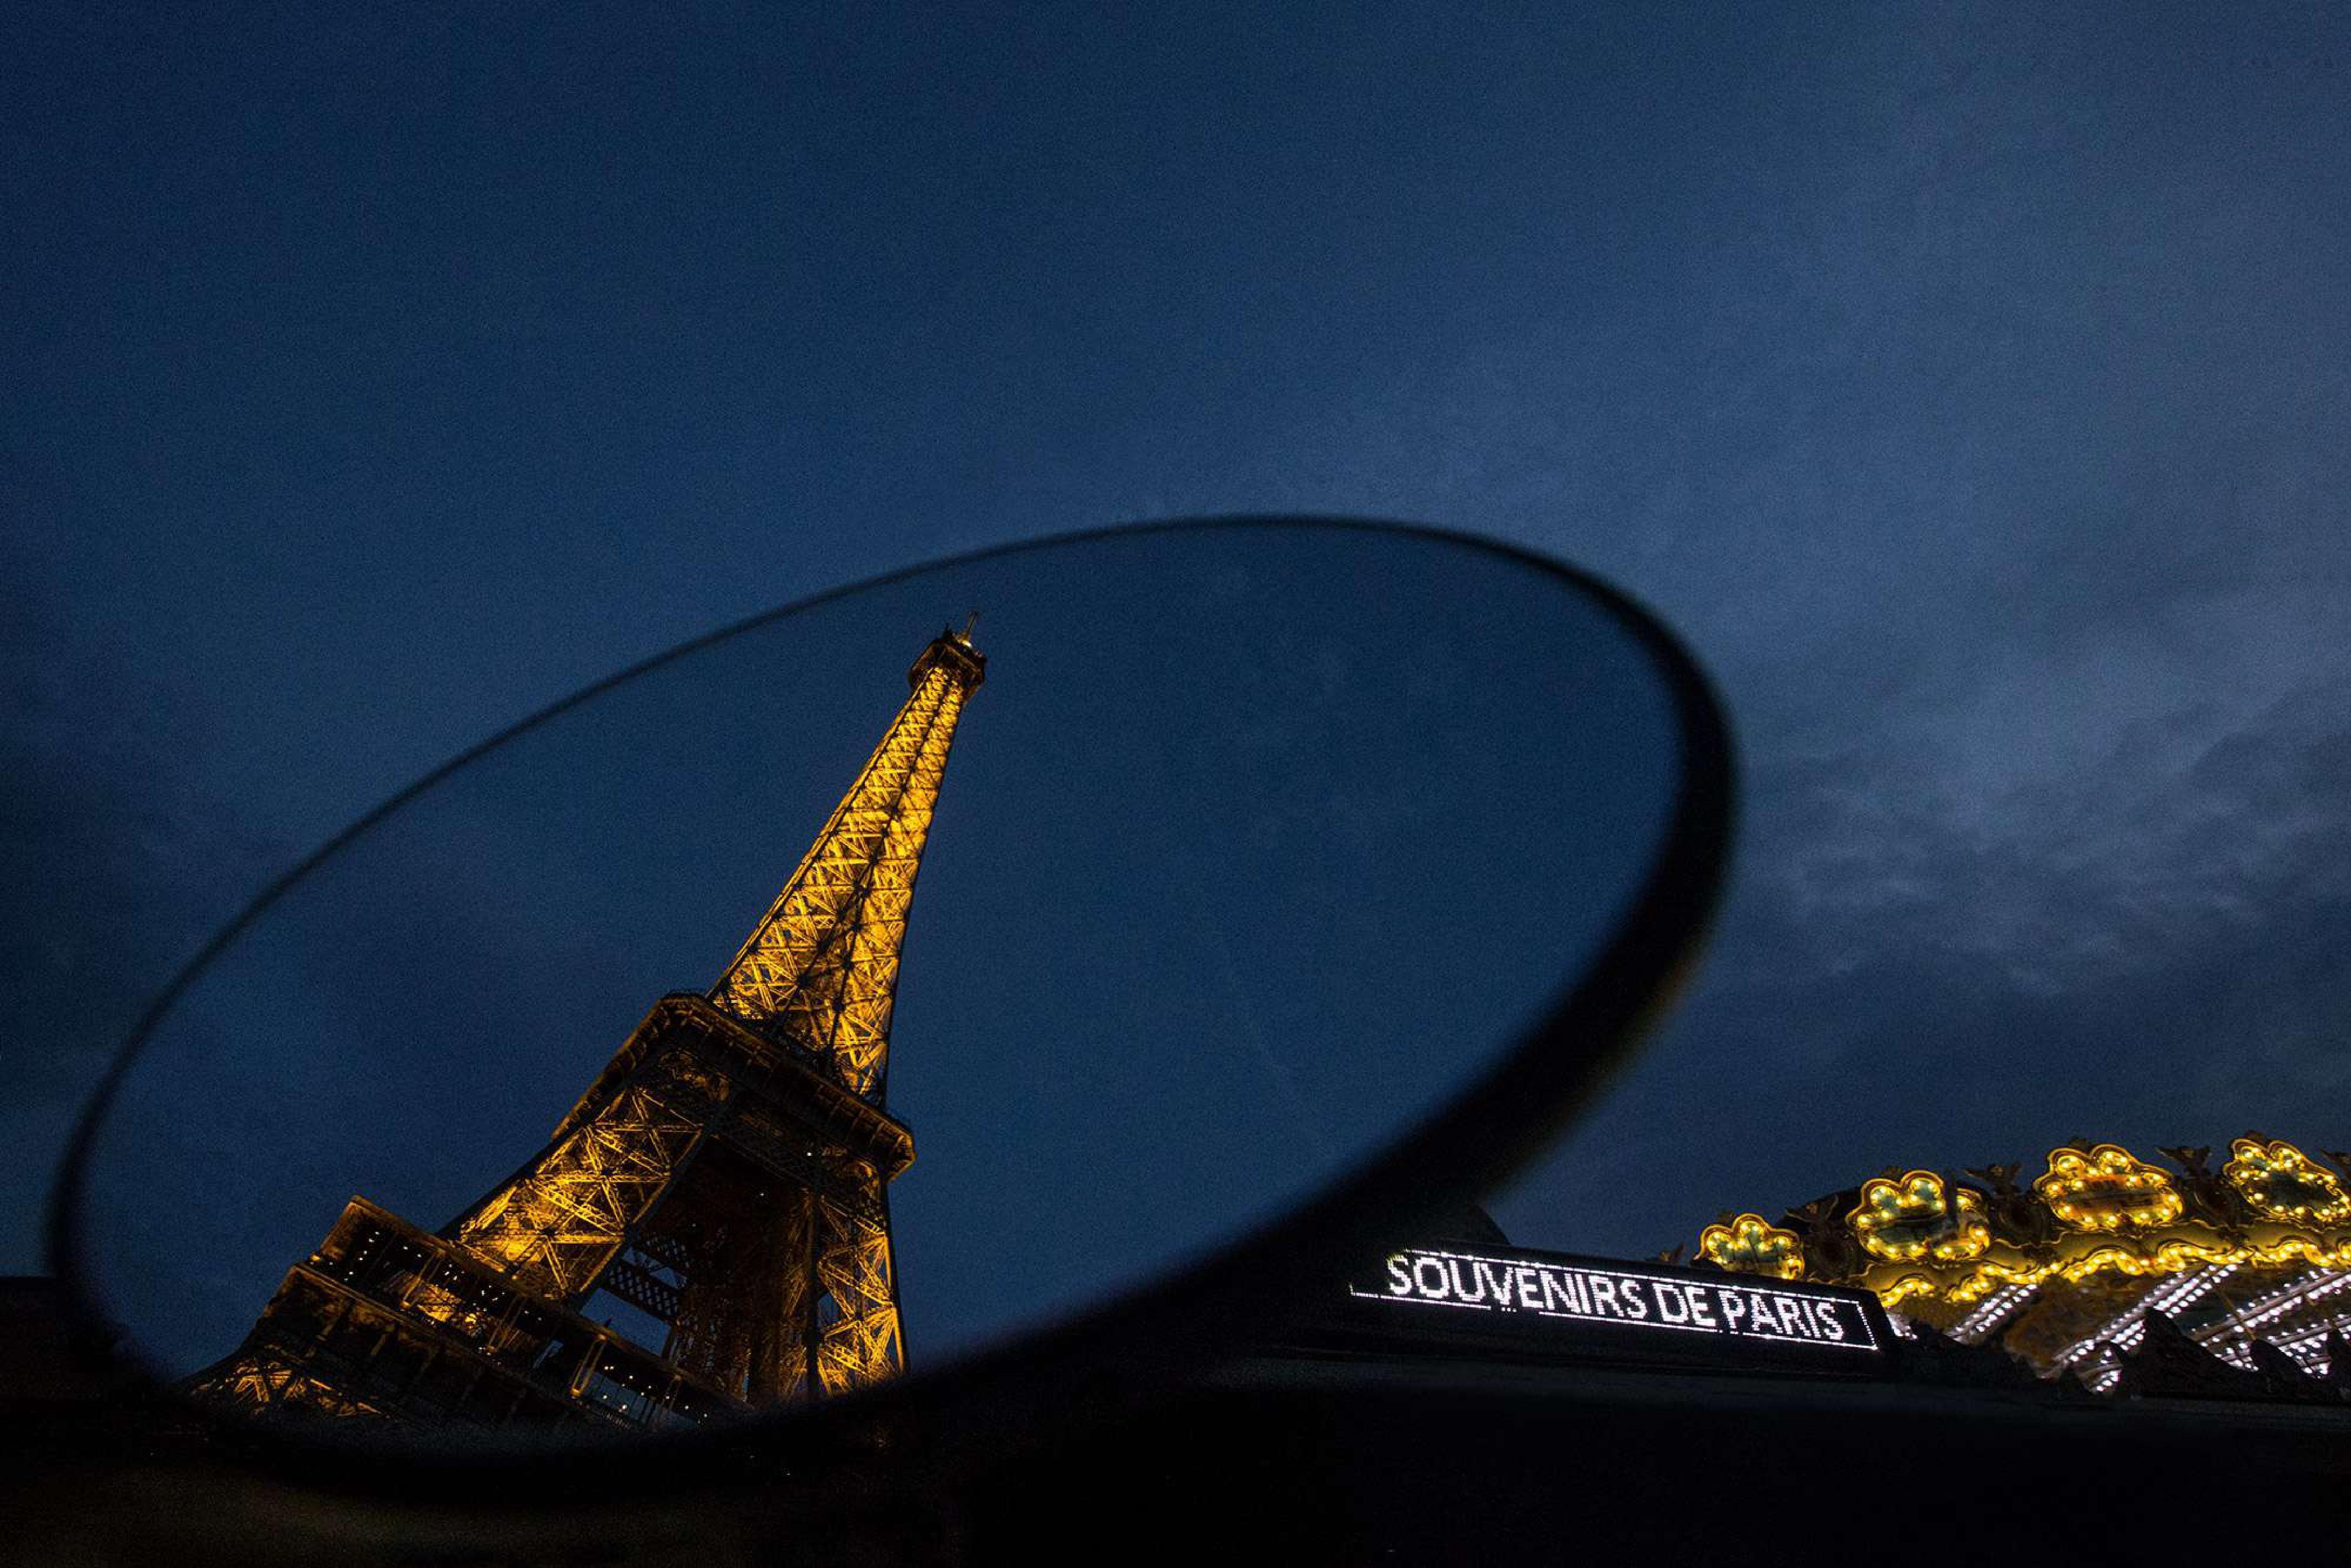 Souvenirs de Paris 4 Everyone